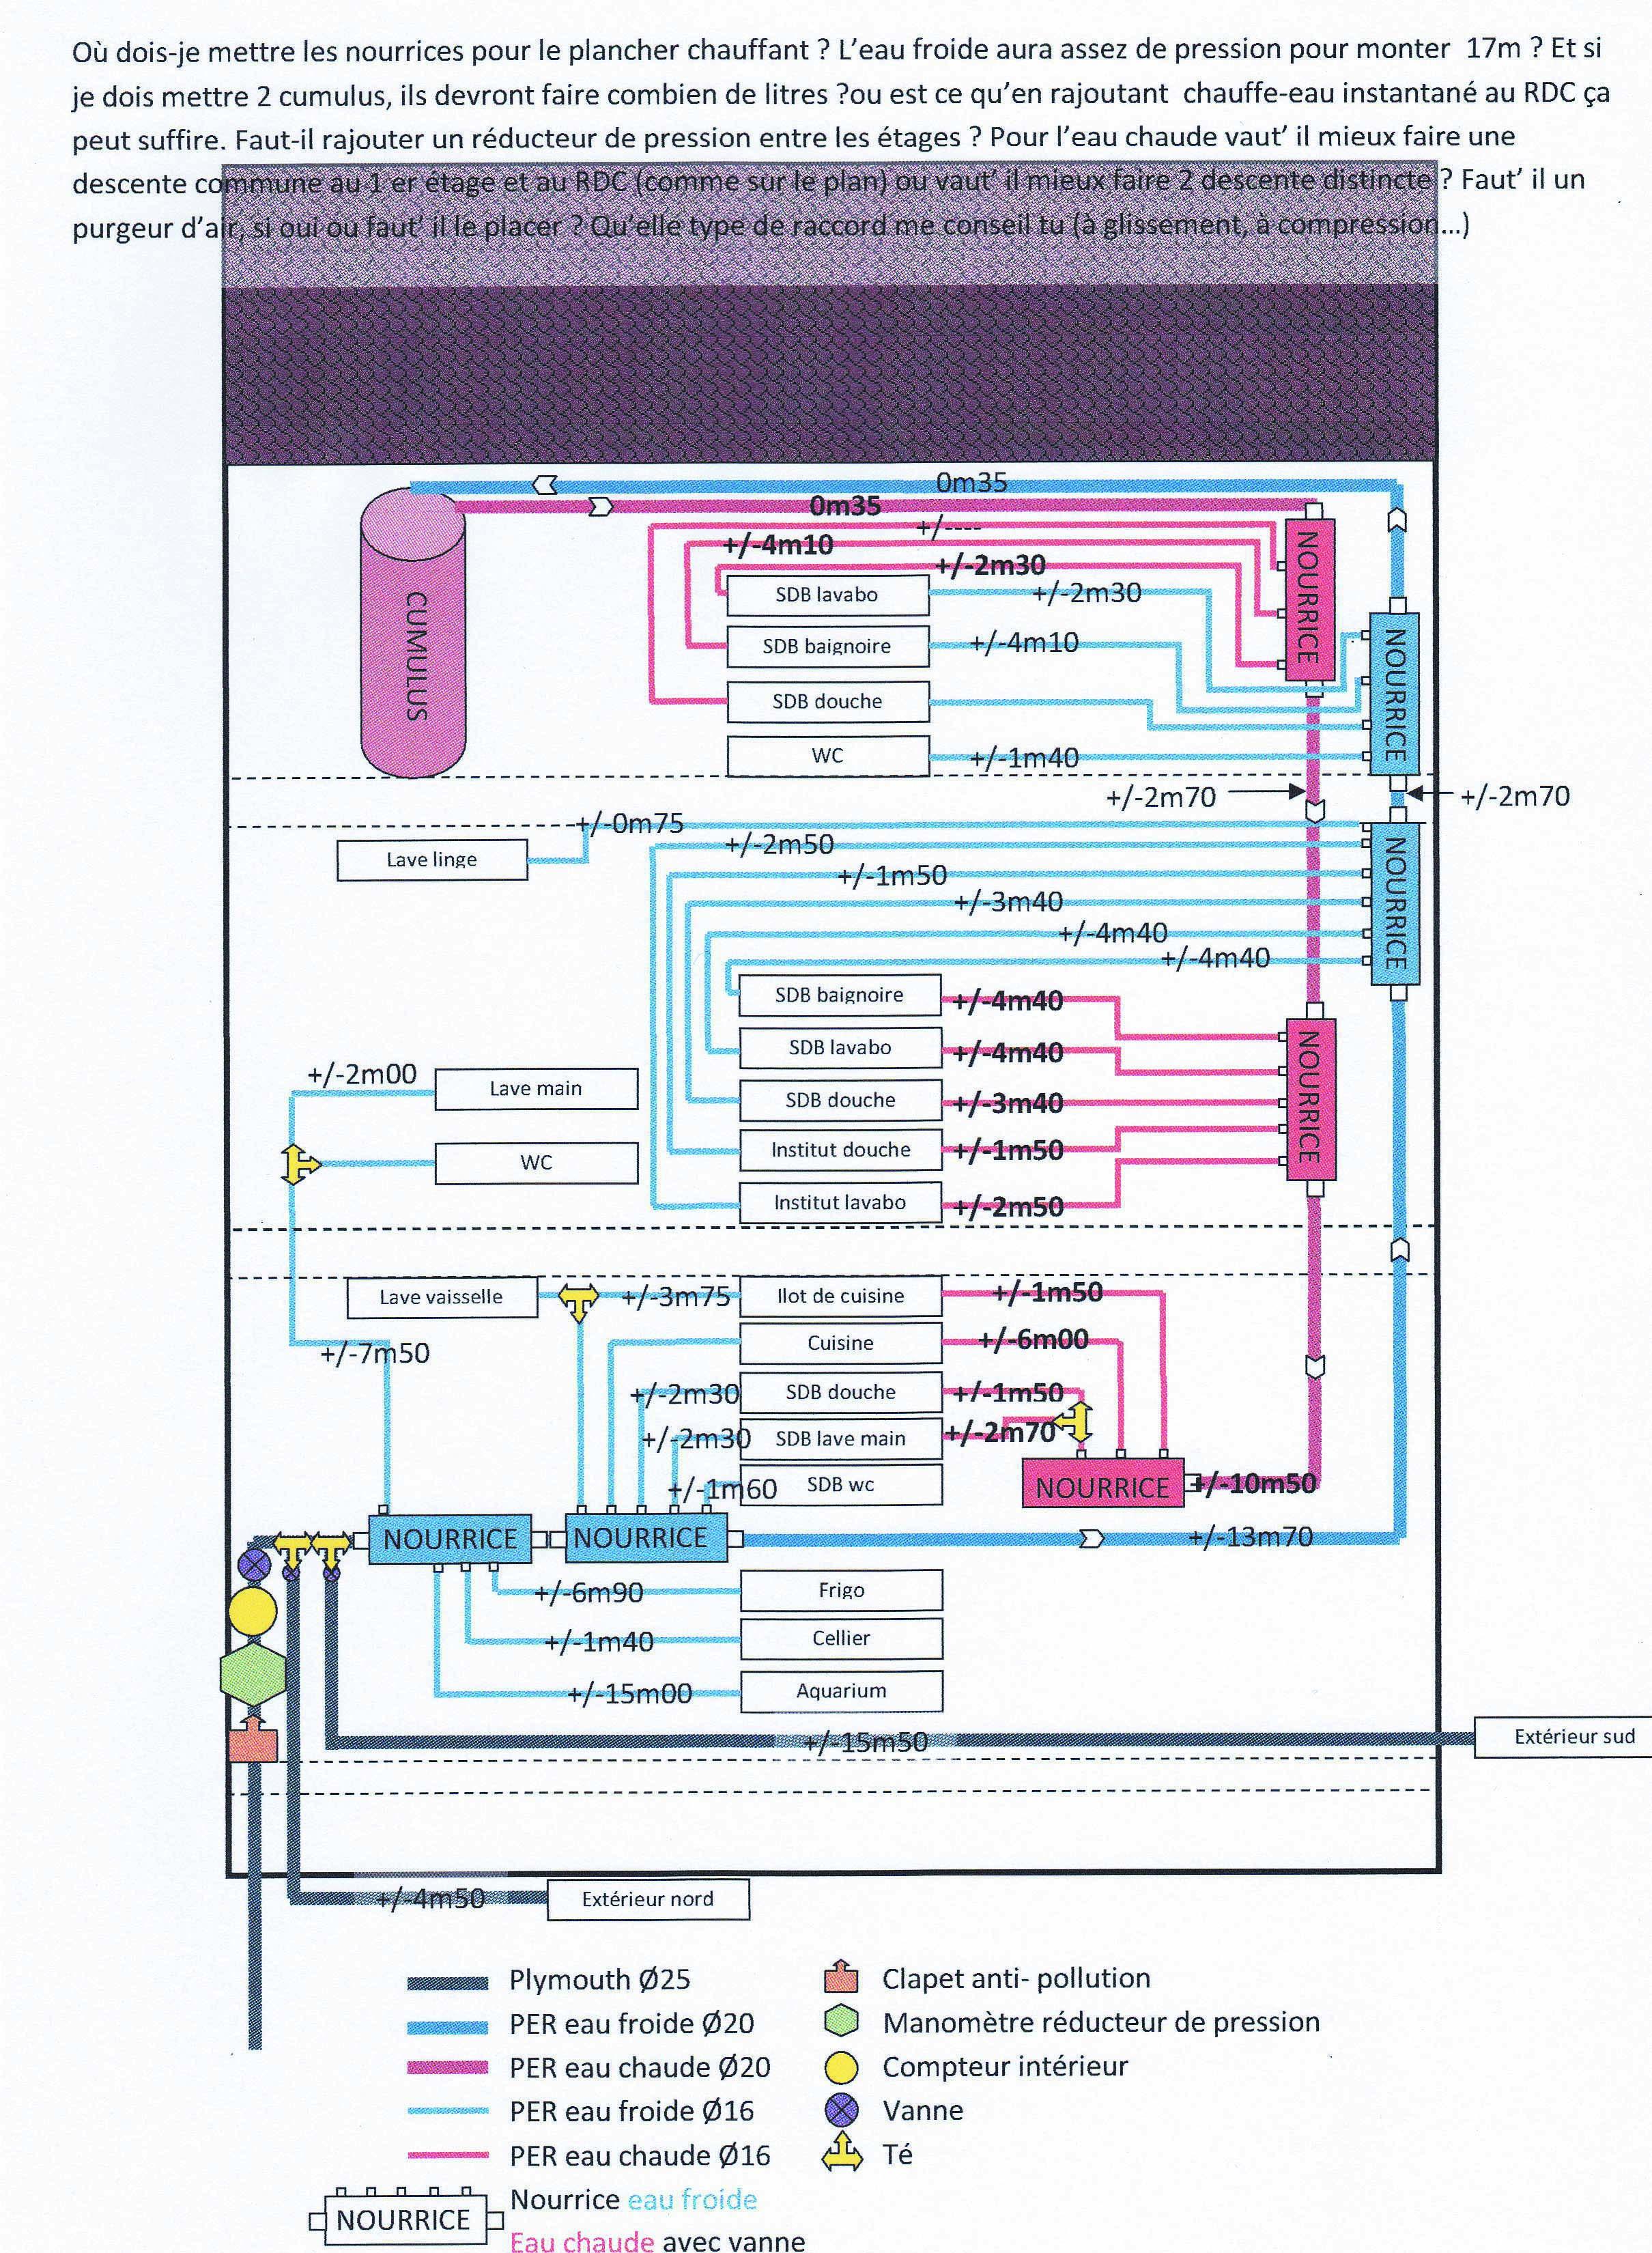 https://www.plombiers-reunis.com/Host/images/1268357281-shema-circuit-deau-jpg.jpg